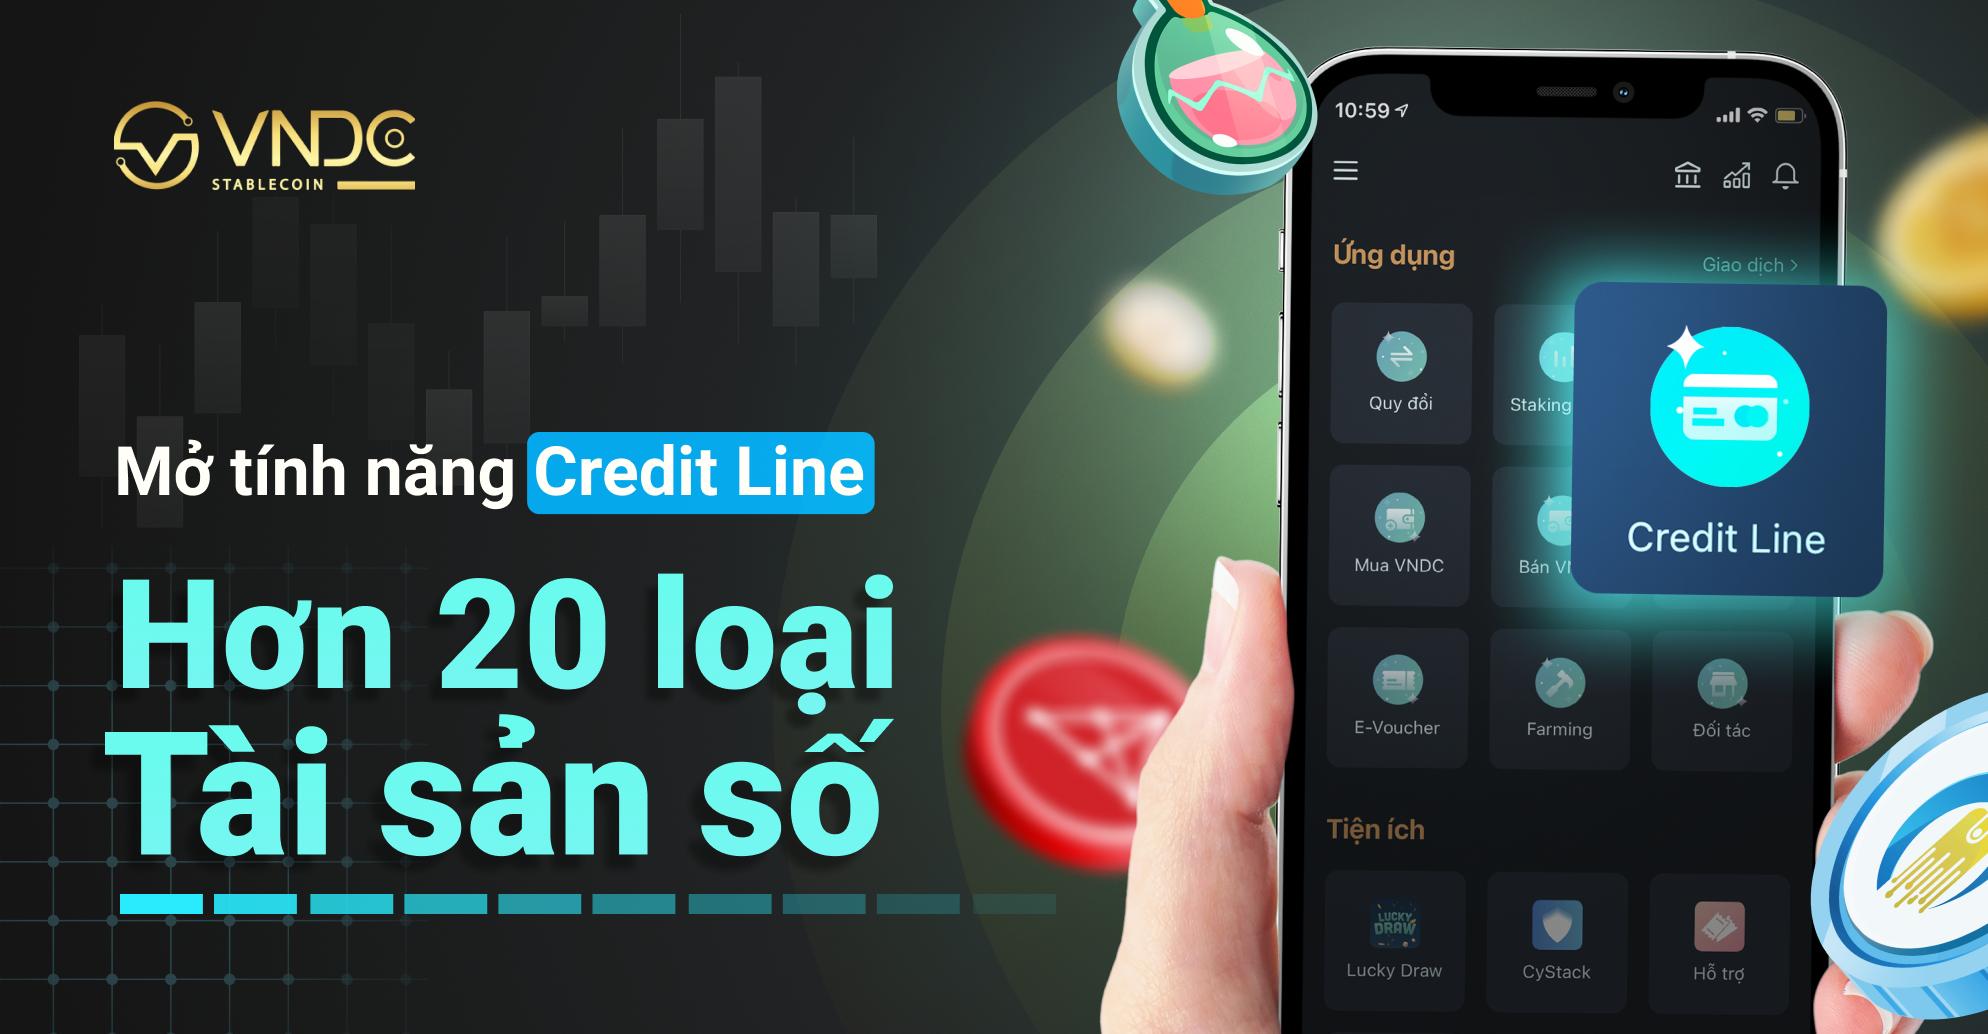 Mở tính năng Credit Line cho hơn 20 loại tài sản số